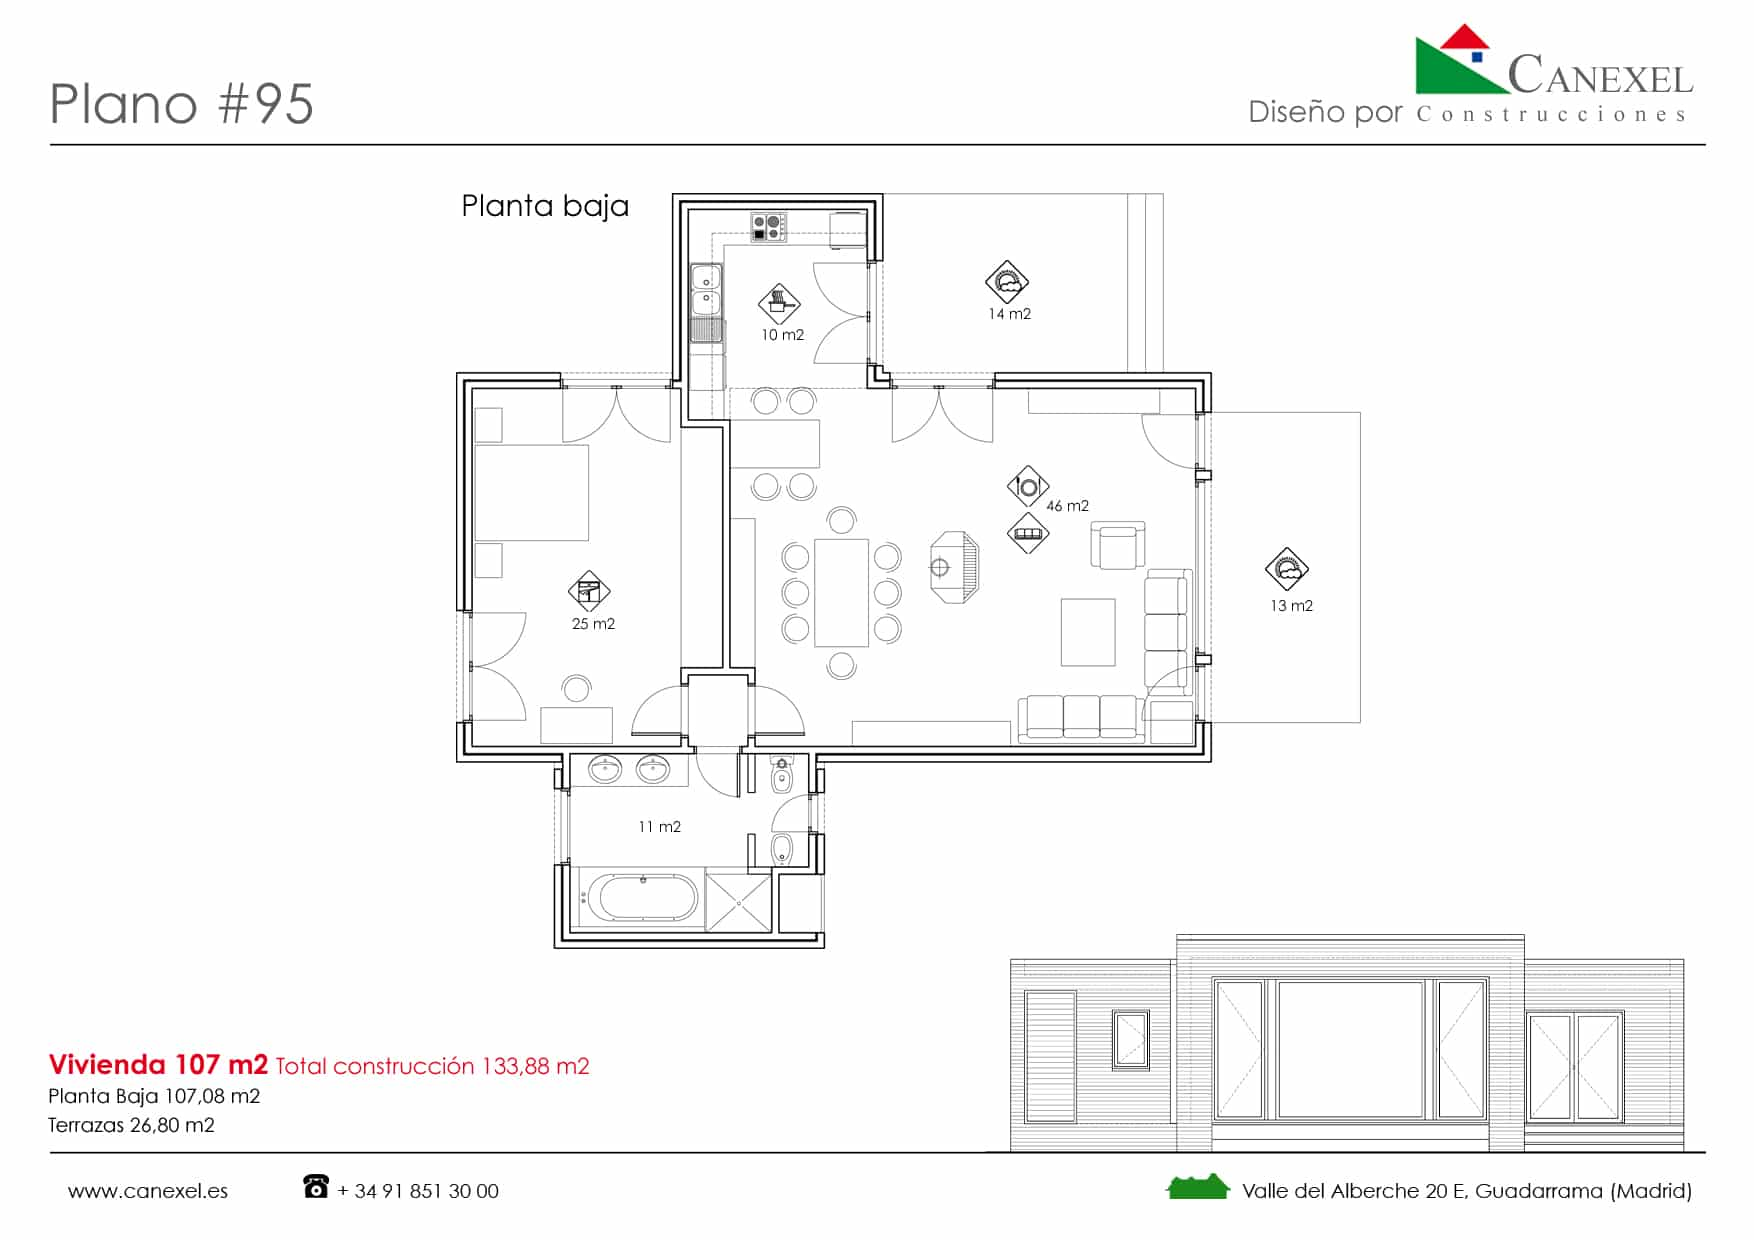 Planos de casas de una planta canexel for Planta arquitectonica biblioteca